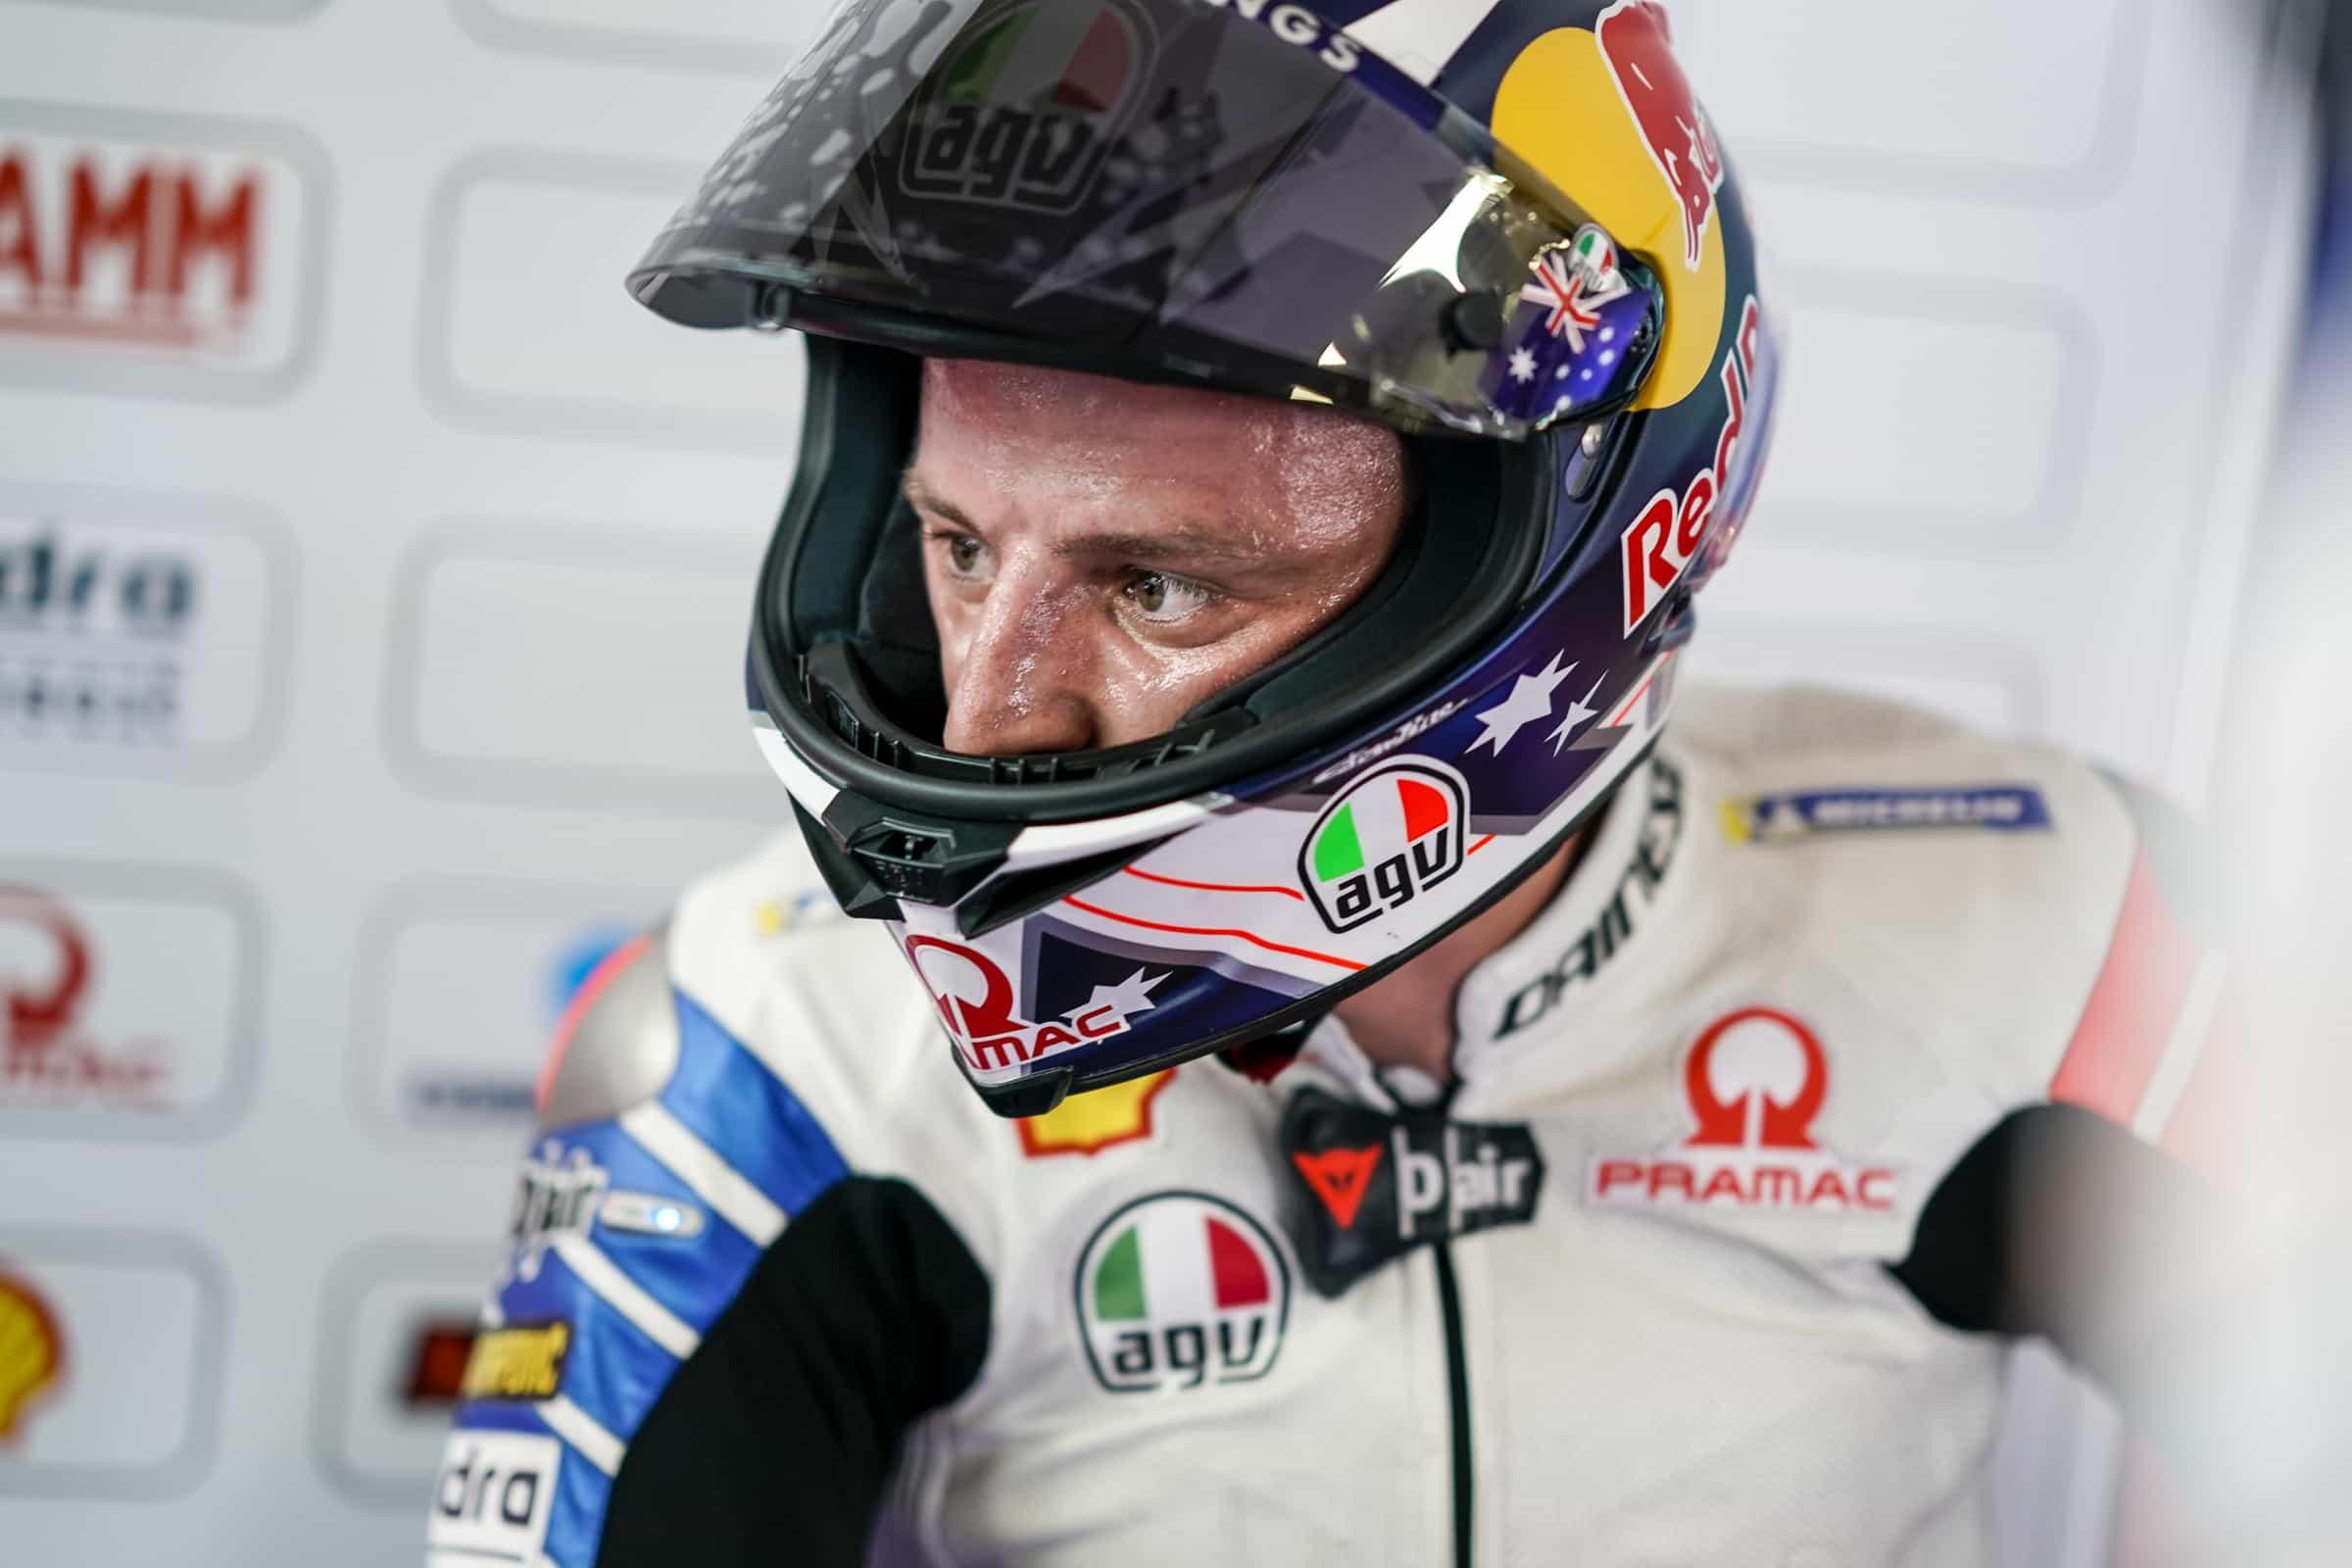 アルゼンチンGP予選 5位ミラー「最終セクターでリアがスライドしてしまった」